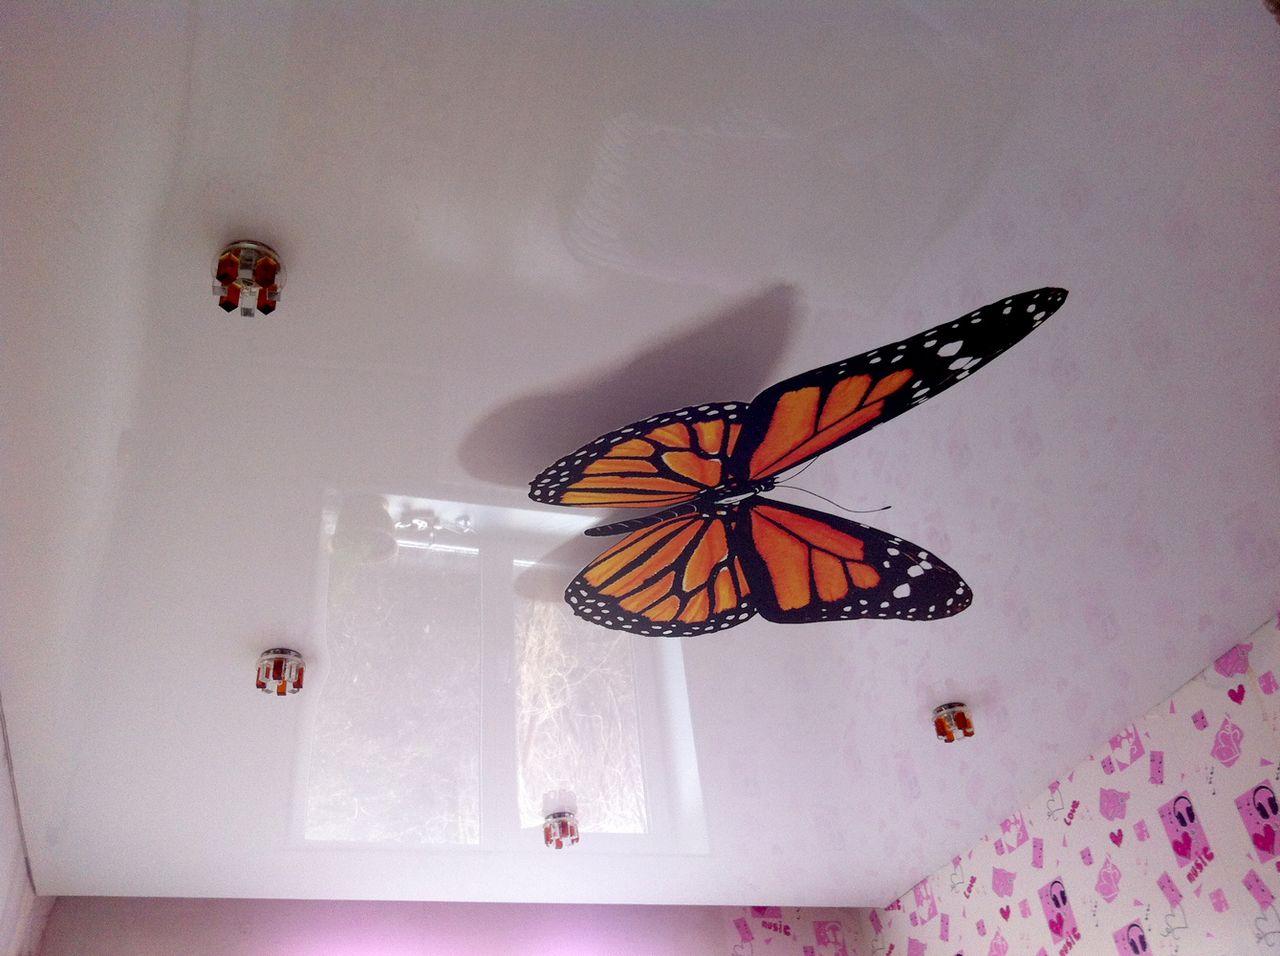 Натяжной потолок с фотопечатью в детской 15,3 кв.м.